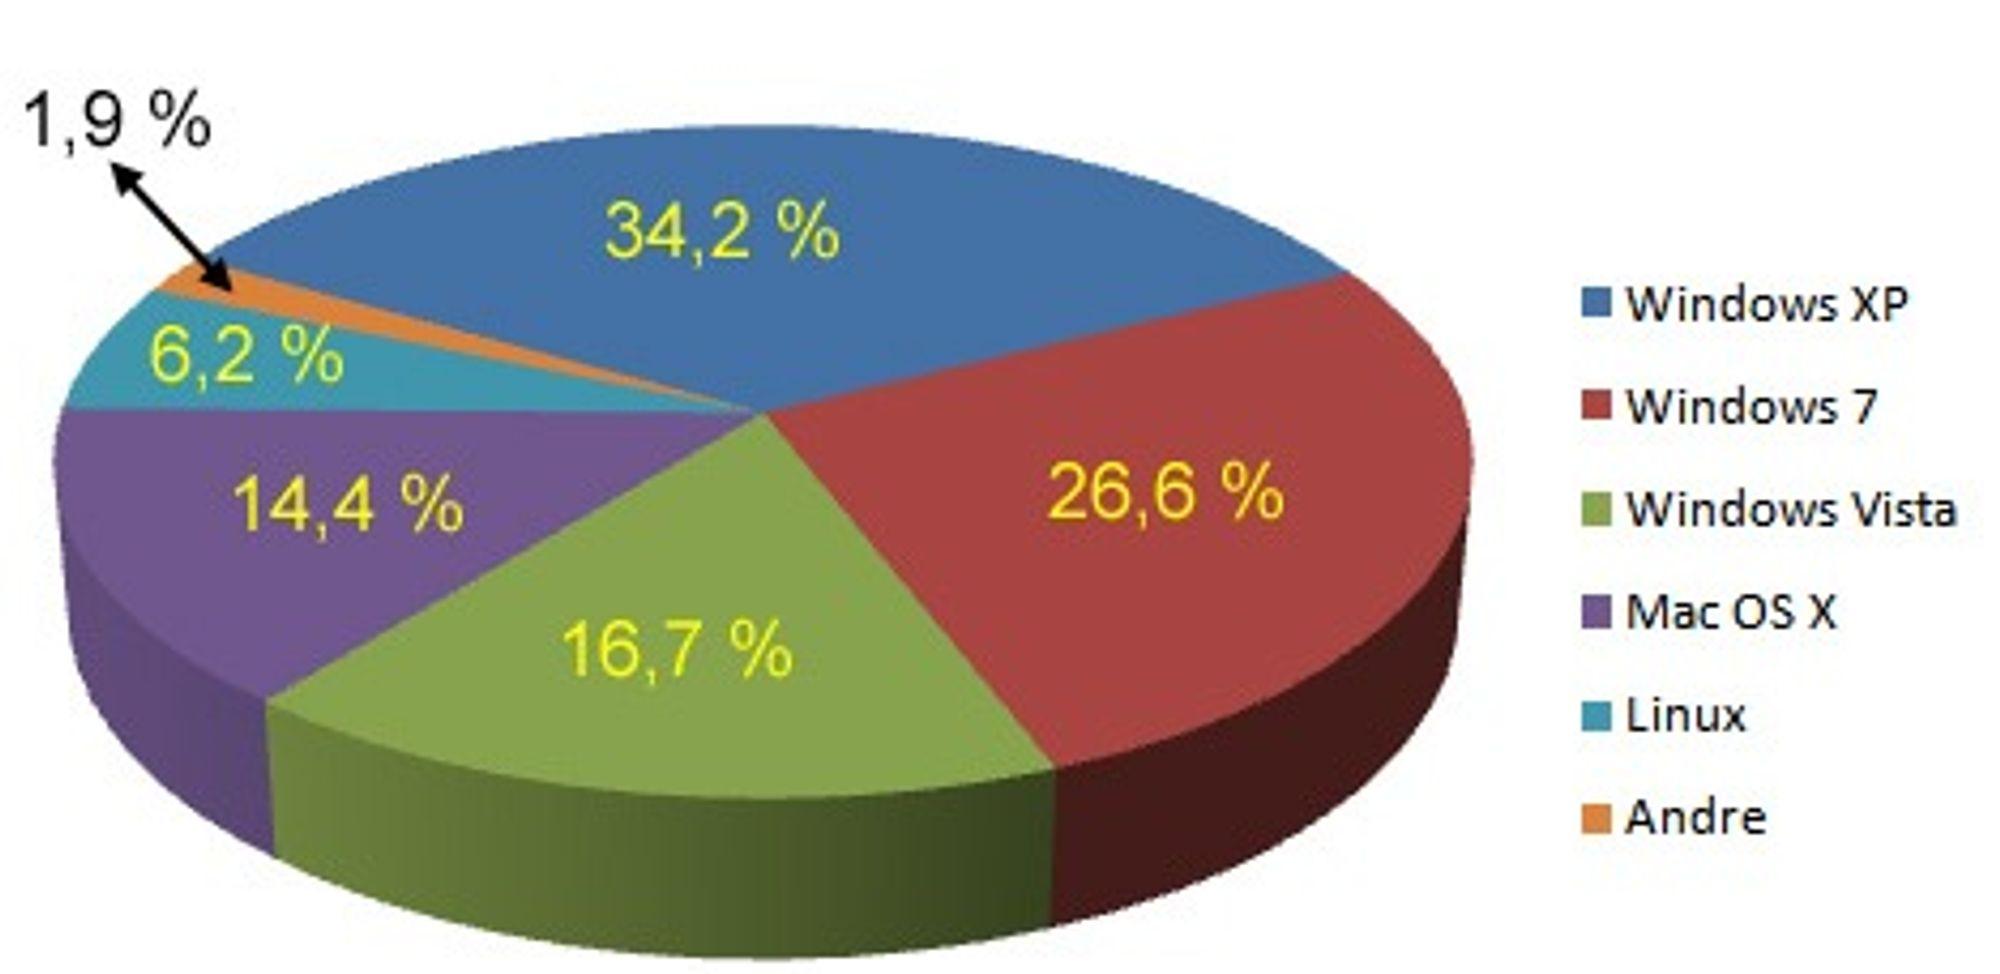 Operativssystem-statistikk for digi.no i uke 1 2010.